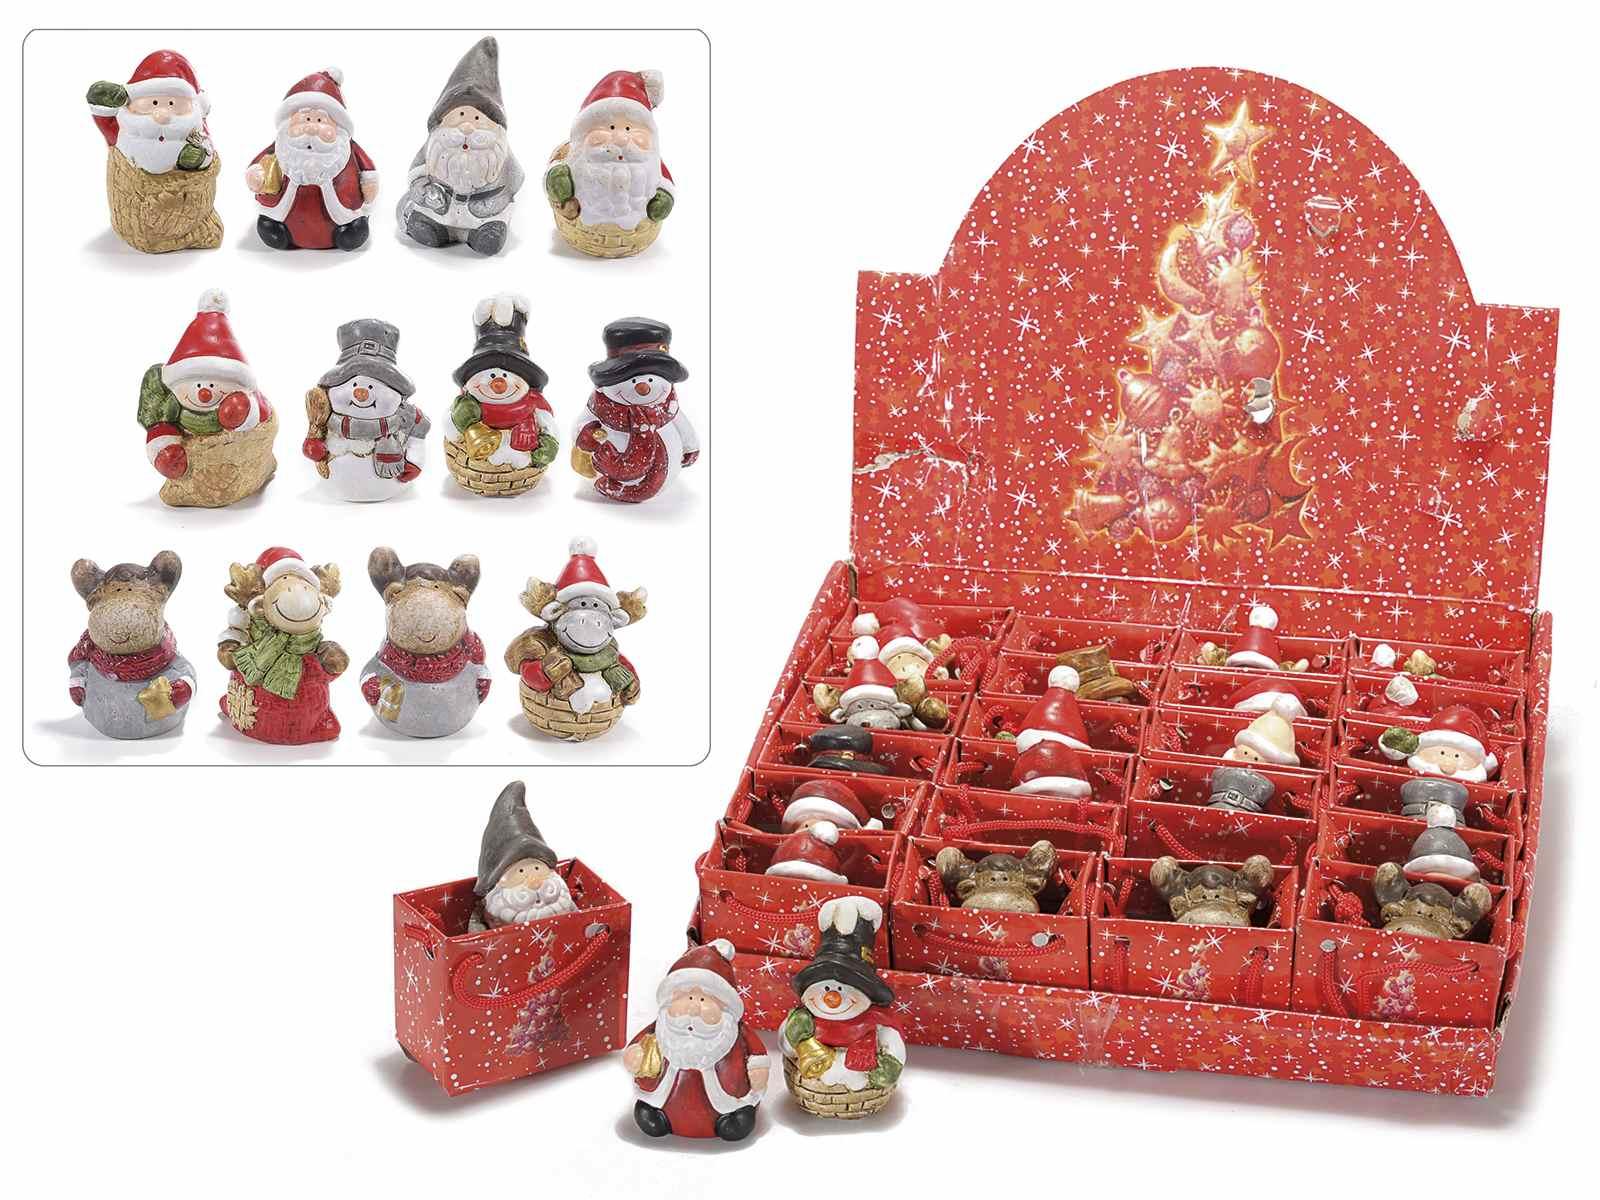 Themen Zu Weihnachten.Expo Keramik Weihnachten Themen Mit Tasche 71 30 06 Art From Italy